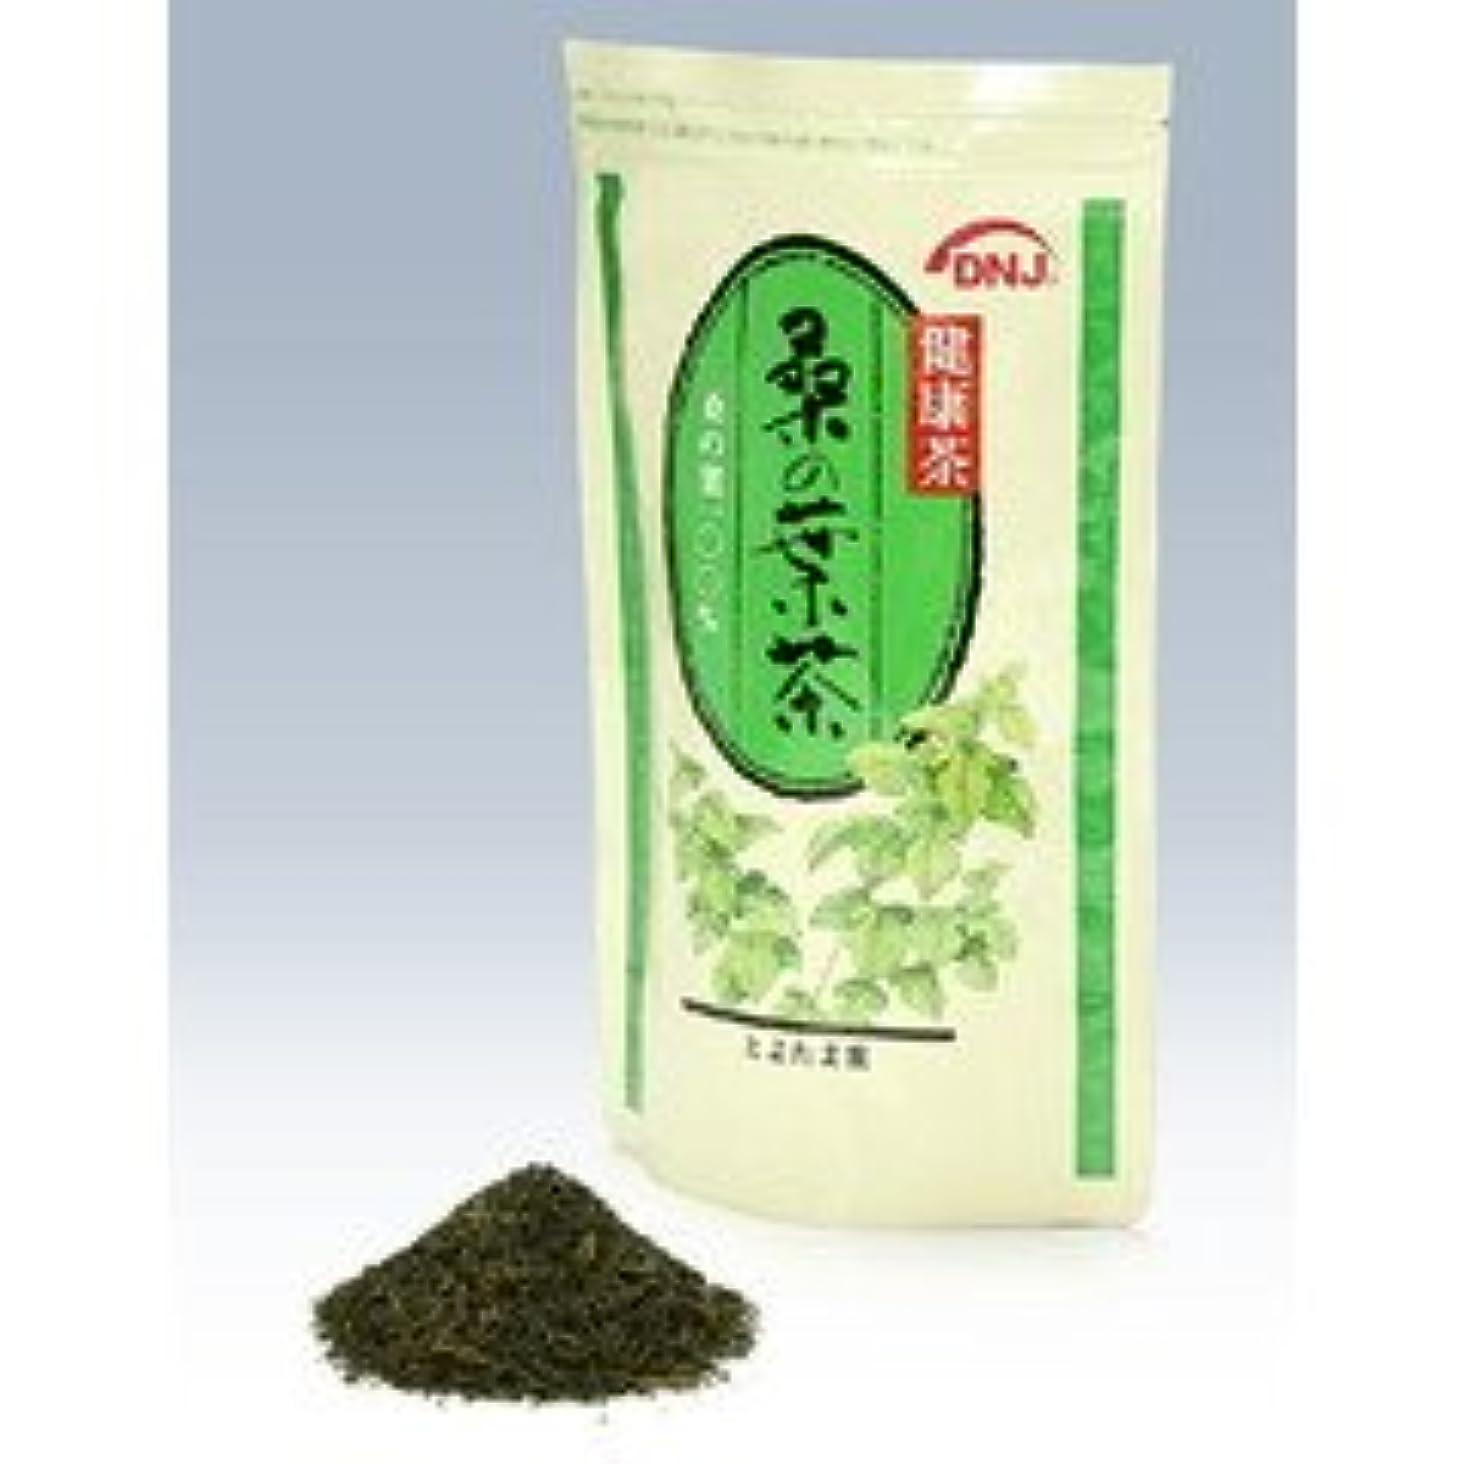 裂け目軽くキャラバントヨタマ 桑の葉茶 90g